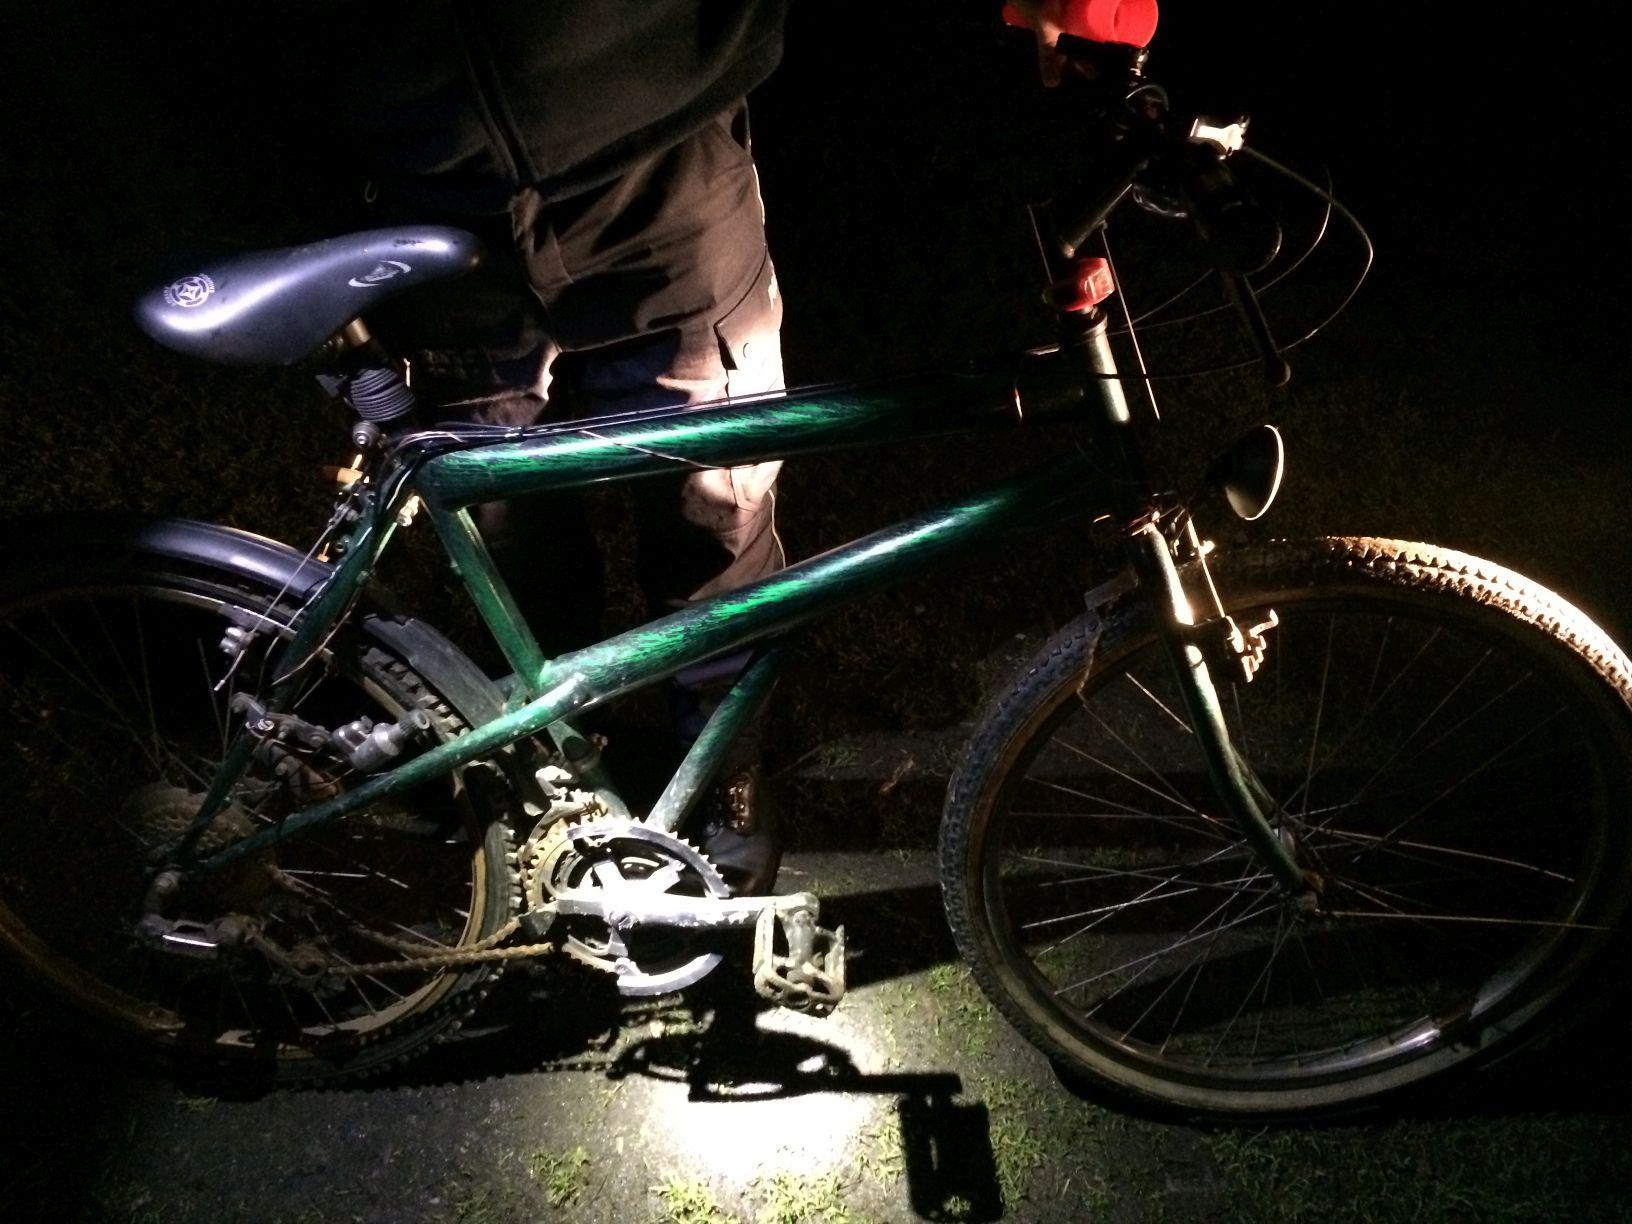 Pijany rowerzysta potrącony przez samochód [AKTUALIZACJA]